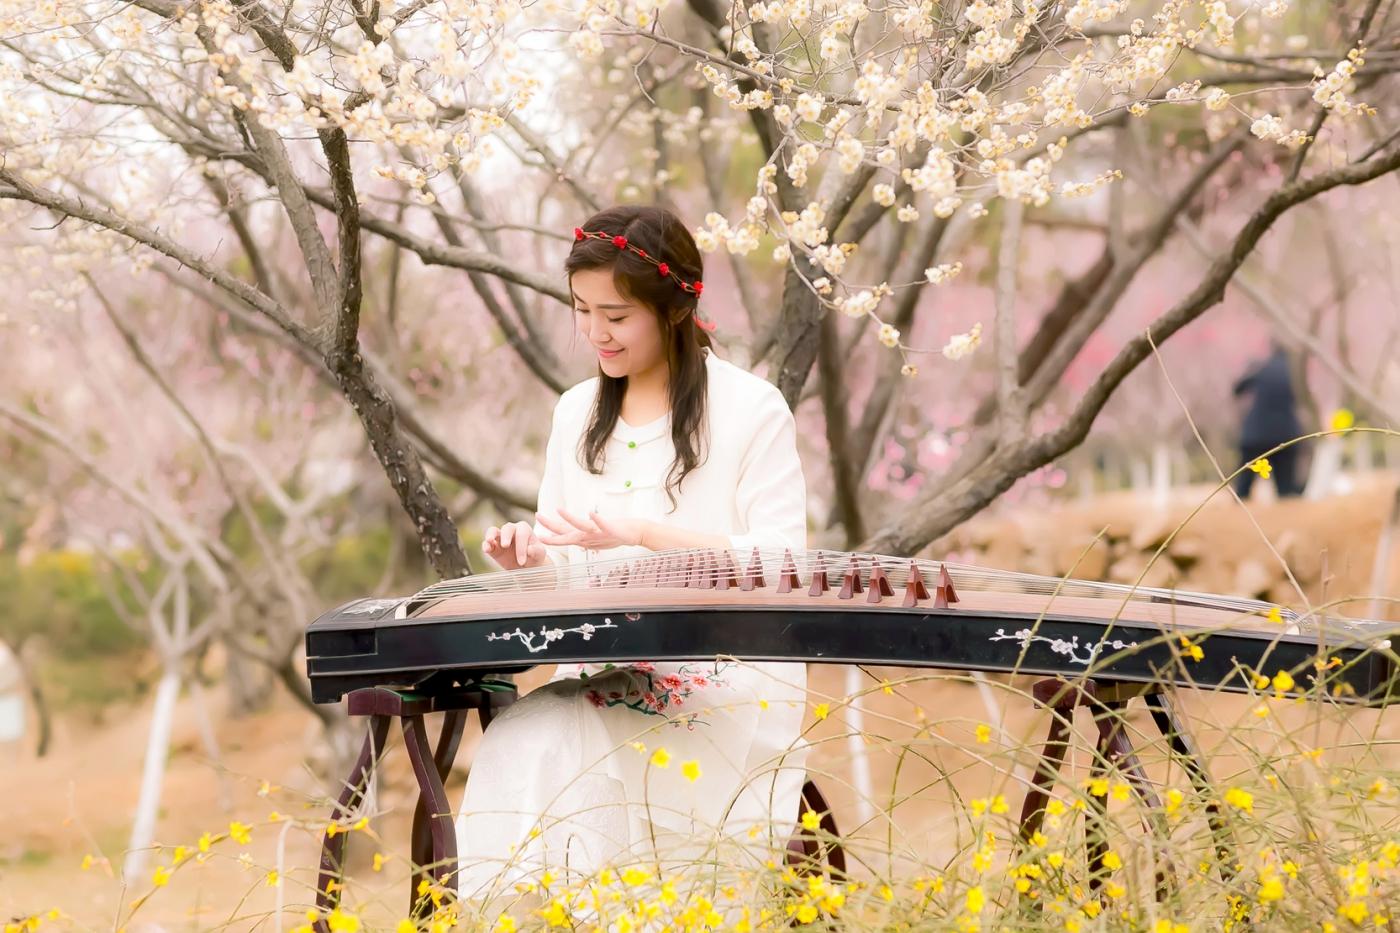 沂水雪山梅园走来一群赏梅踏春的沂蒙女孩 摄影人和女孩们成为梅园一道亮丽的风景线 ..._图1-14